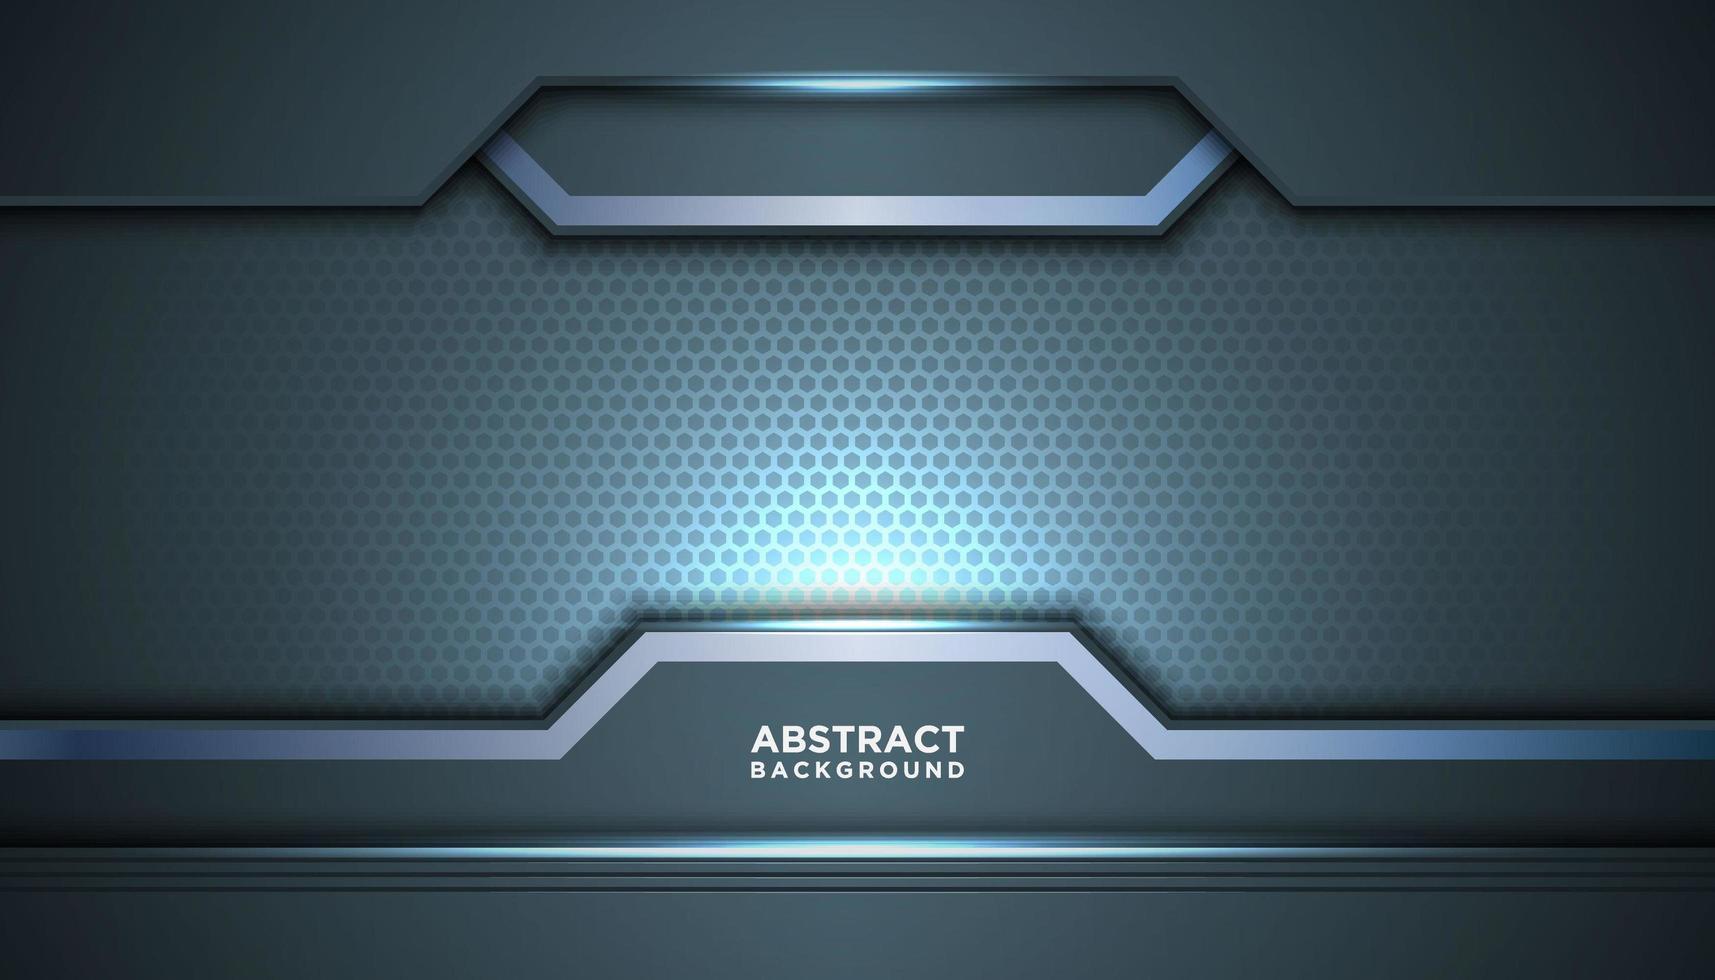 Fondo de malla hexagonal azul gris abstracto vector